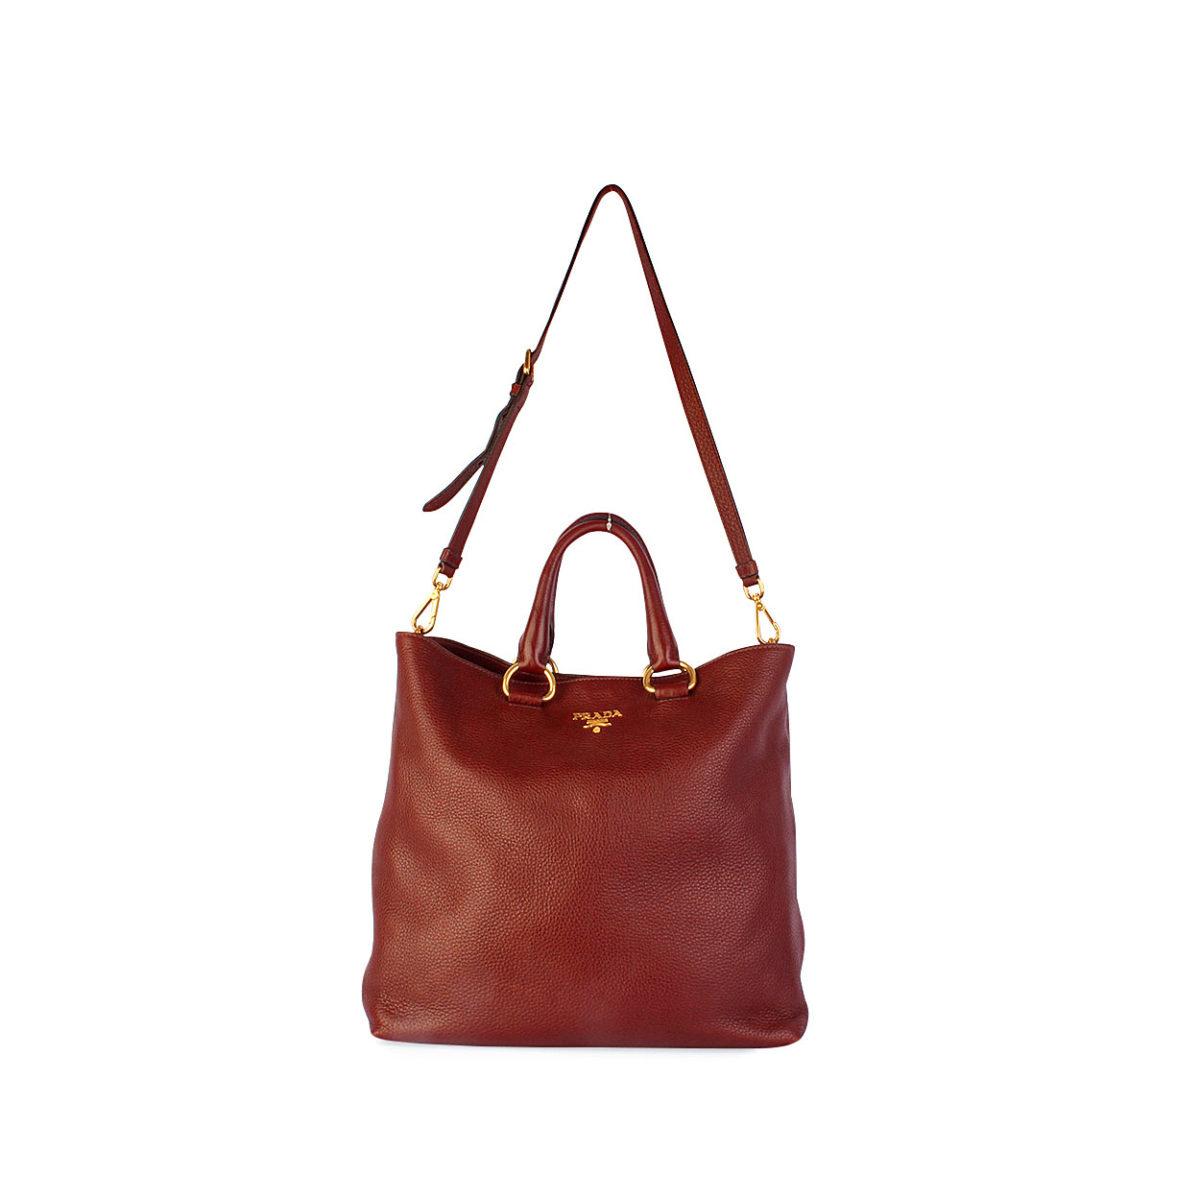 f5b1cd084c4c PRADA Rubino Vitello Daino Leather Shopping Tote Brown